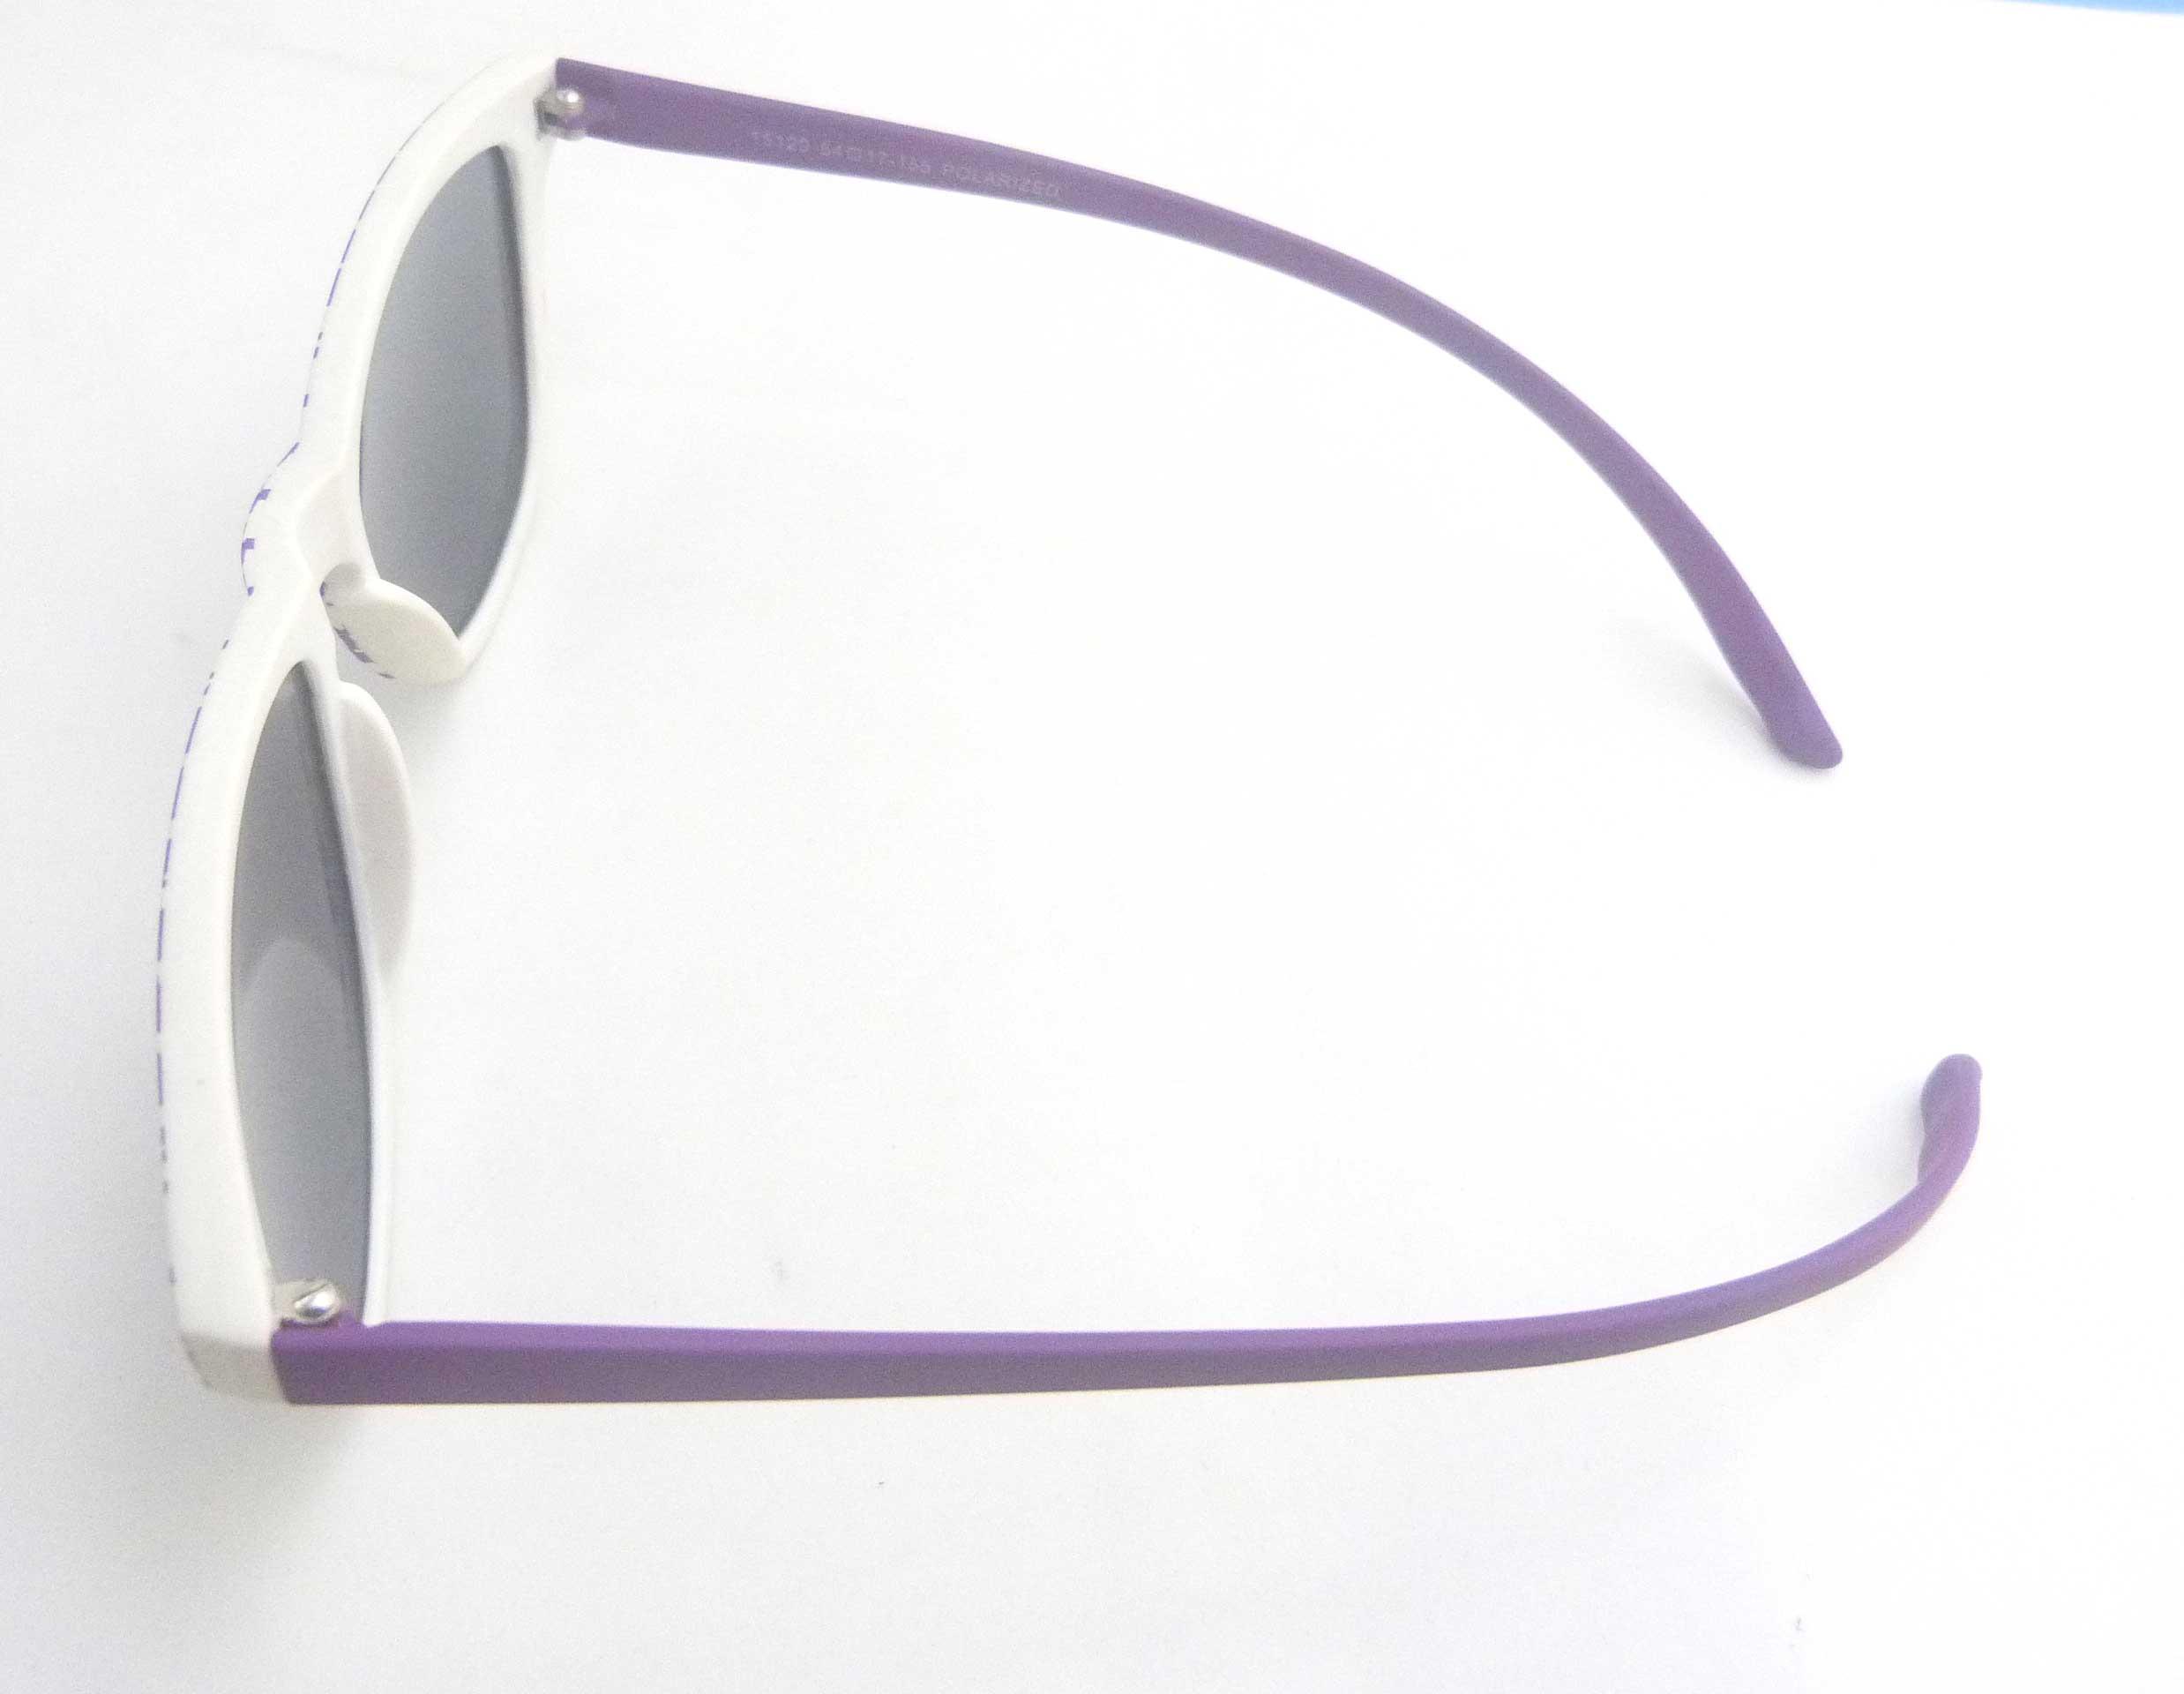 0215129 - Óculos-Solar CS Koala Xadrex 54x17 Roxo Mod 15129 FLAG 9  -Contém 1 Peça